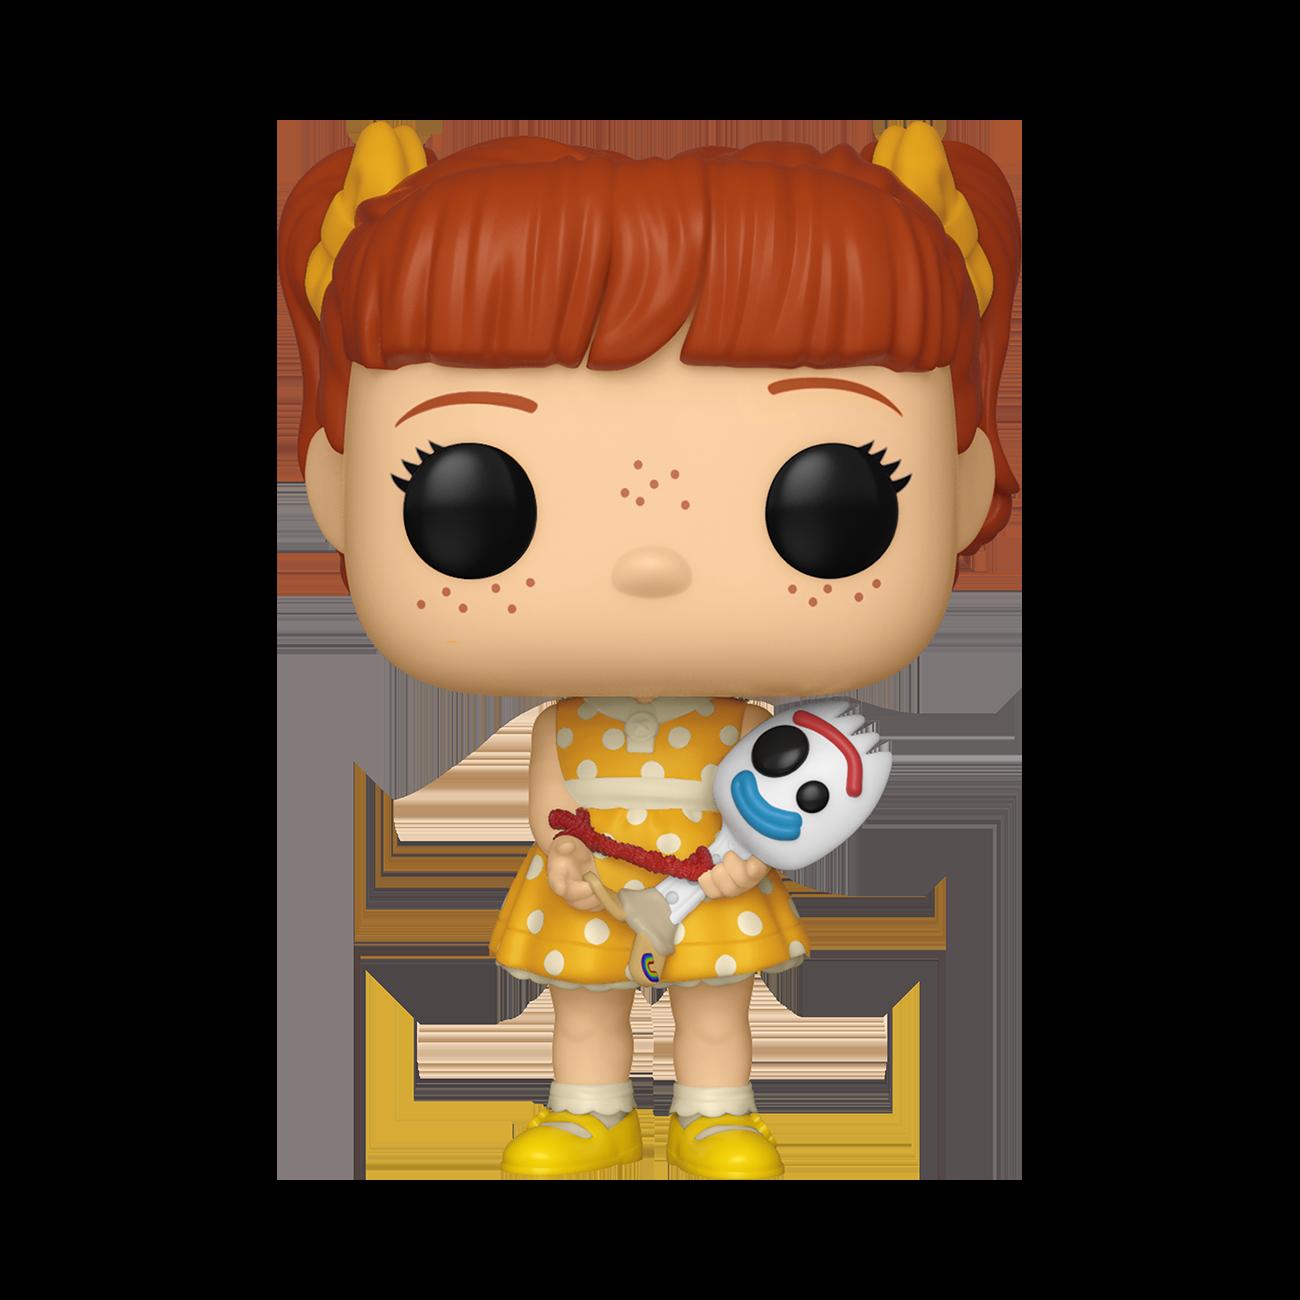 Funko Pop Disney Toy Story 4 Gabby Gabby Holding Forky Walmart Exclusive Walmart Com Walmart Com